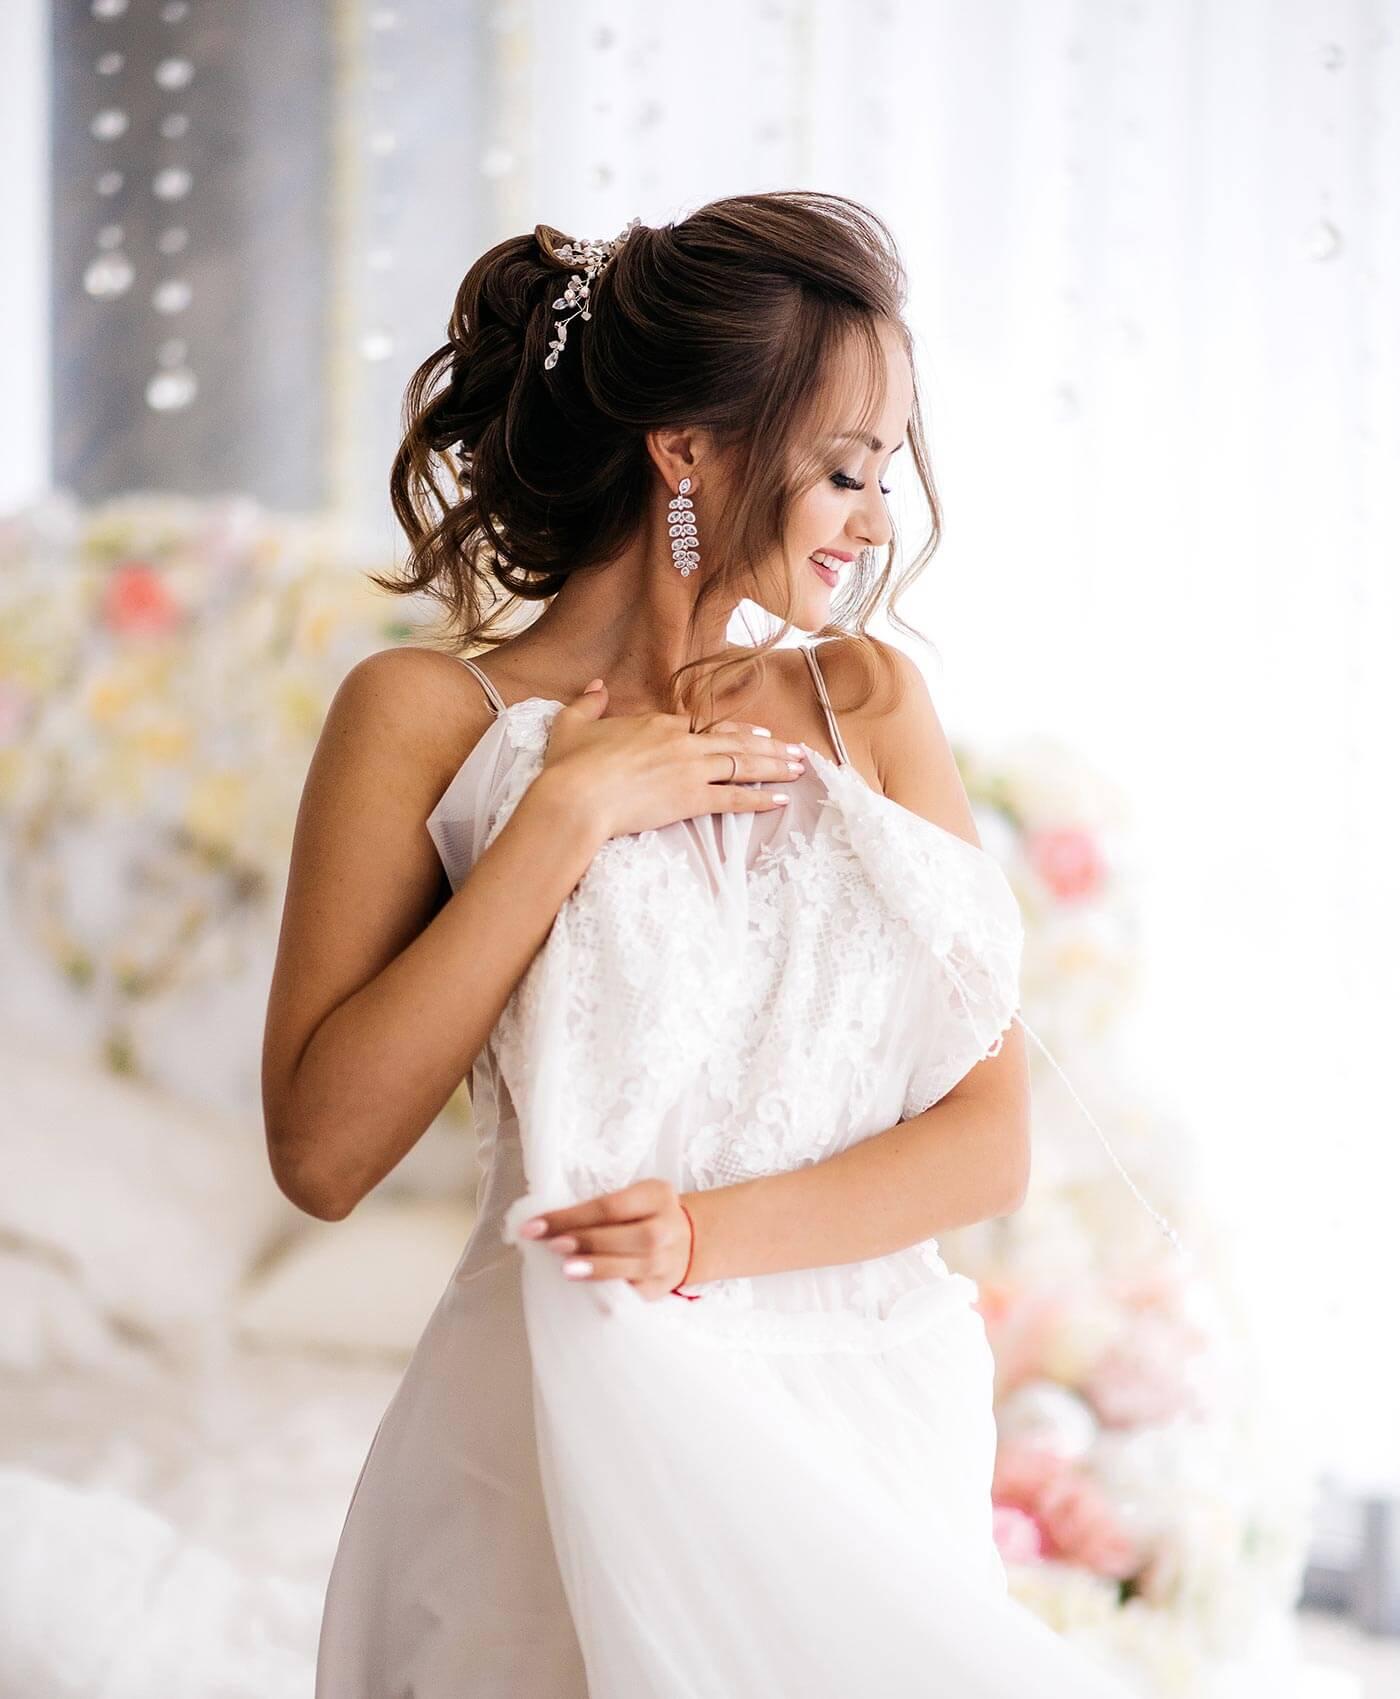 Brautkleid nach der Hochzeit: 15 schöne, kreative & romantische